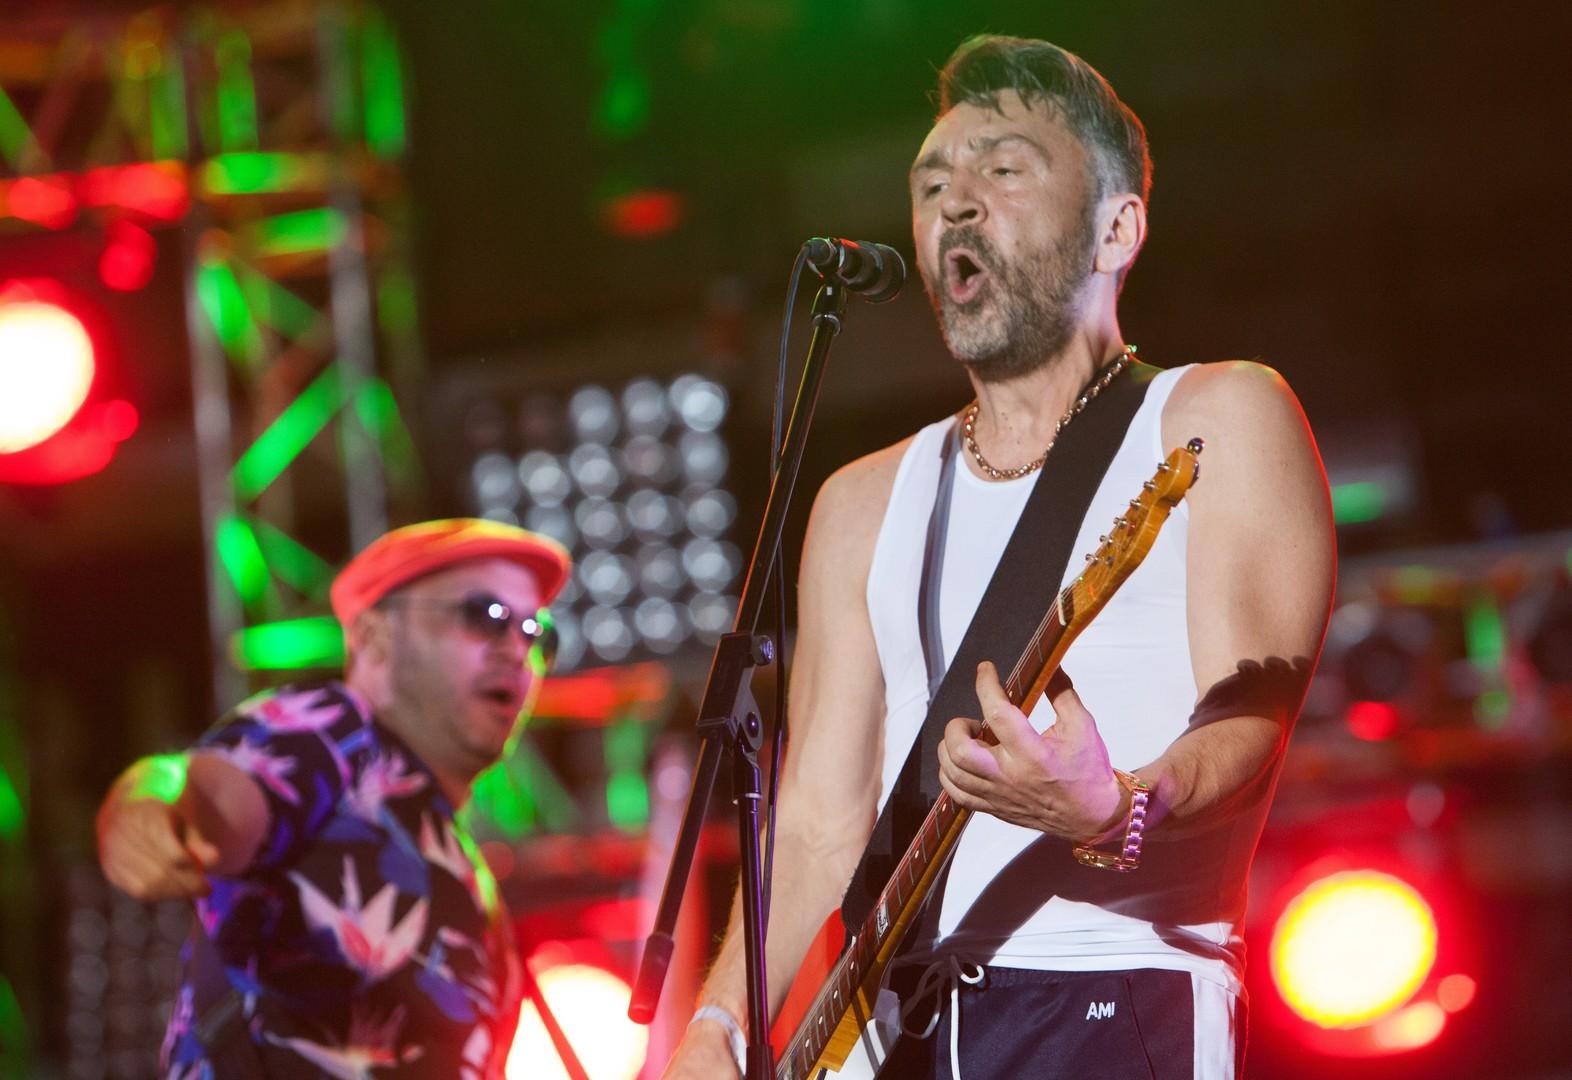 Der Frontmann der Band Leningrad, Sergej Schnurow, auf dem Naschestwije-2016 Festival.